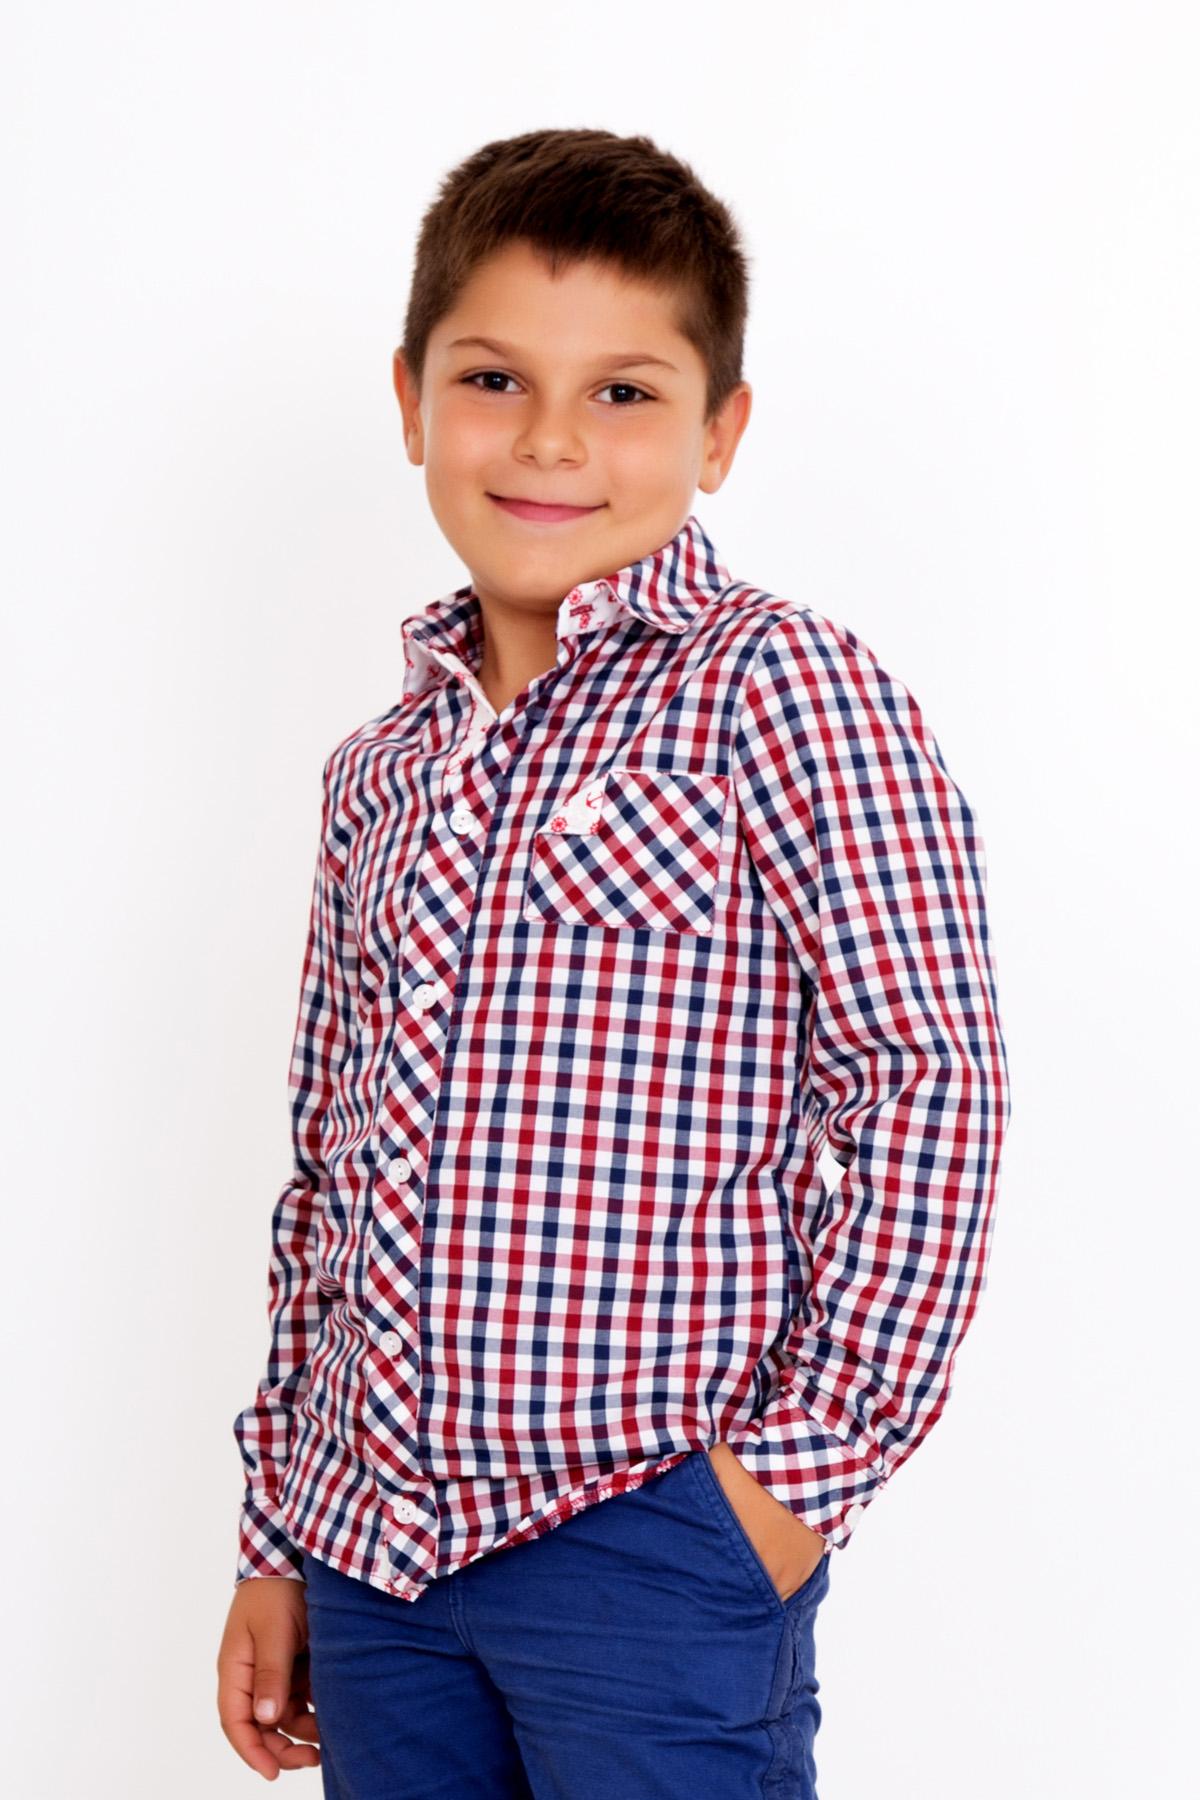 Дет. рубашка Мирослав р. 36Распродажа<br><br><br>Тип: Дет. рубашка<br>Размер: 36<br>Материал: Сорочечная перкаль